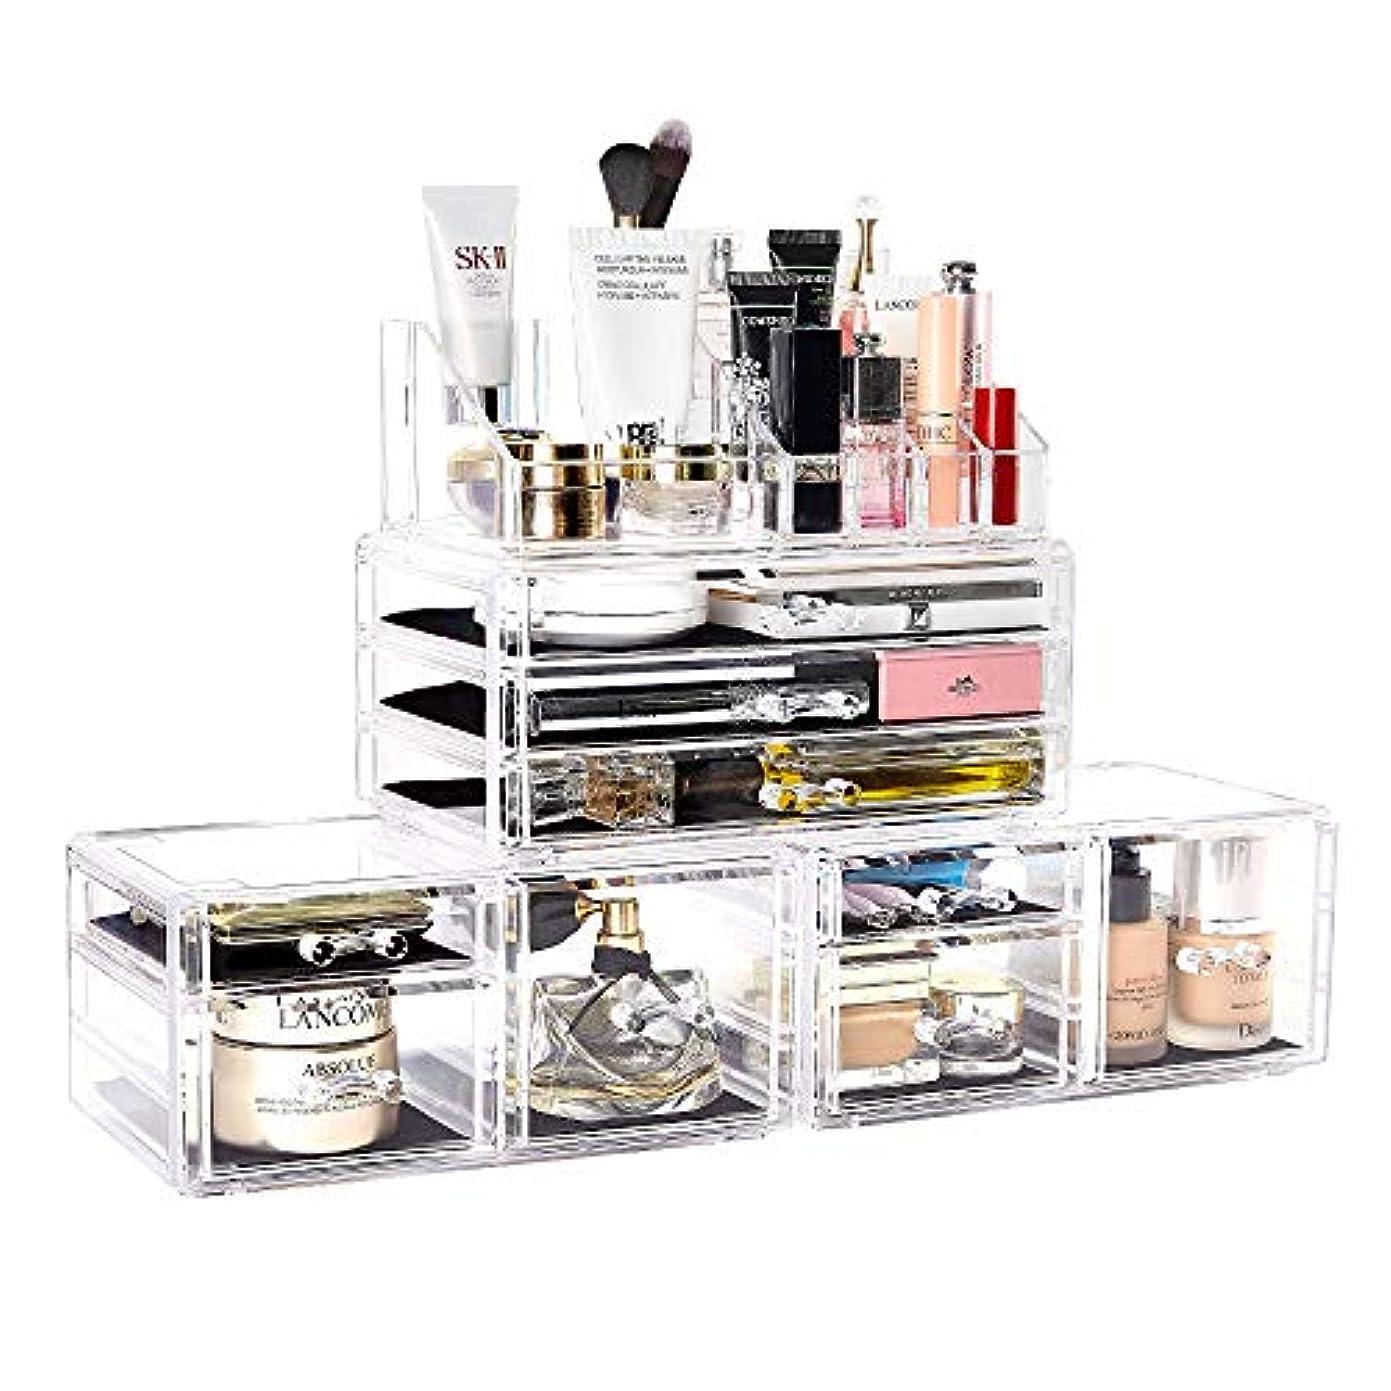 生産的スキャン花瓶メイクボックス DreamGenius 化粧品収納ボックス 高级感 引き出し 小物/化粧品入れ メイクケース 小物 収納 透明アクリル 4段 プレゼント (4セット)